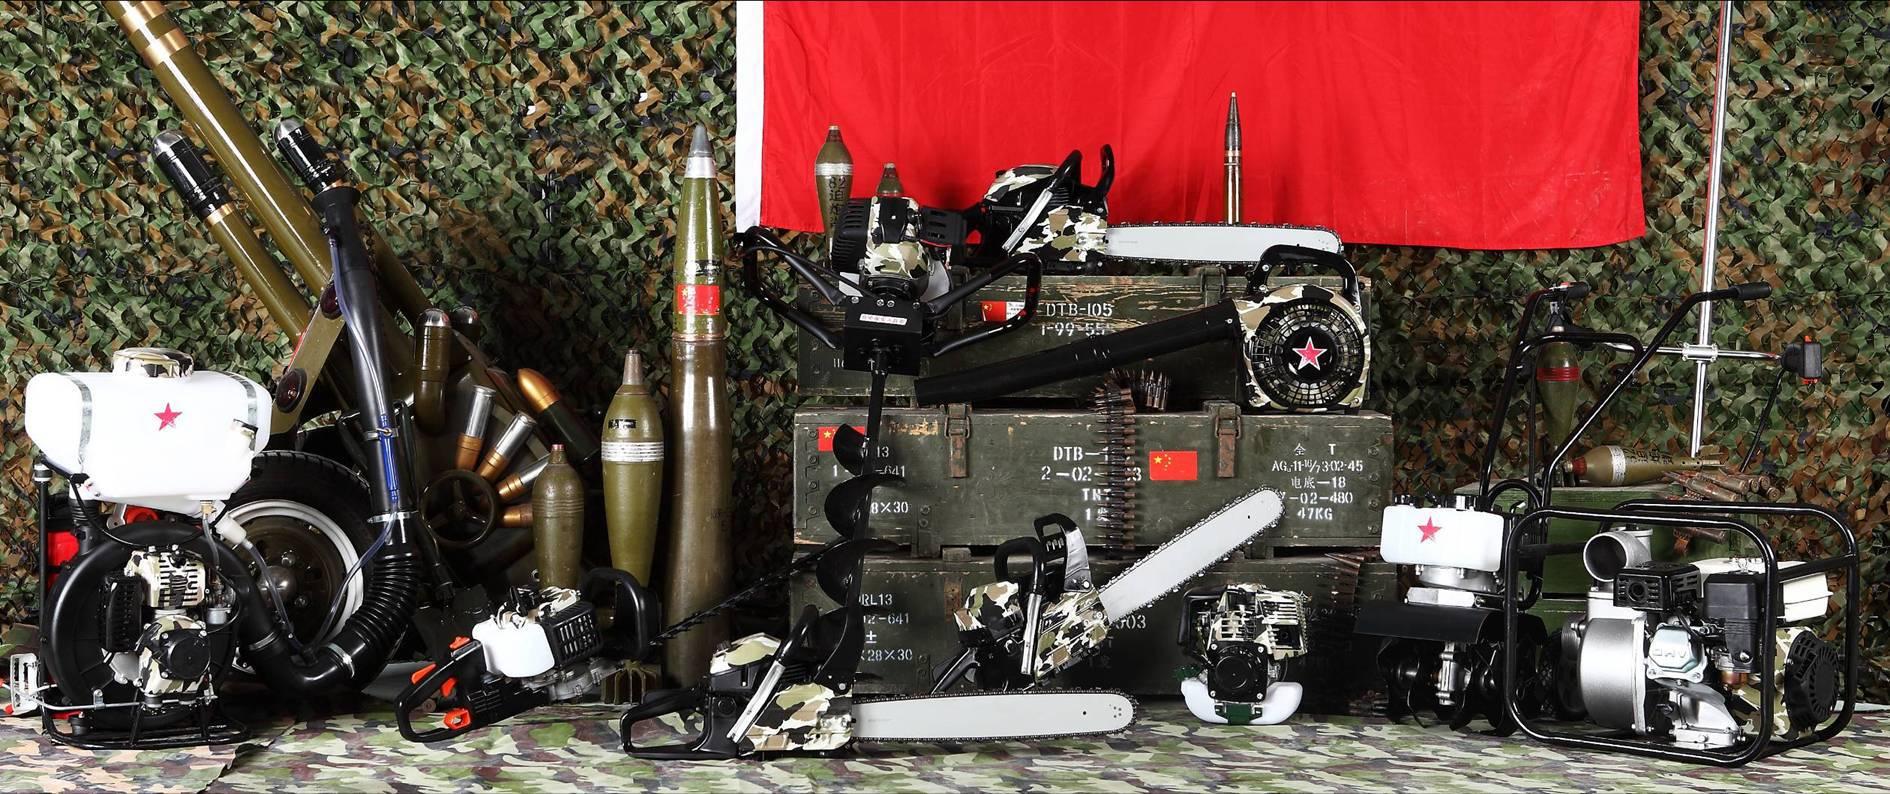 小钢炮电动工具 特种云石机 X2-110A图片三